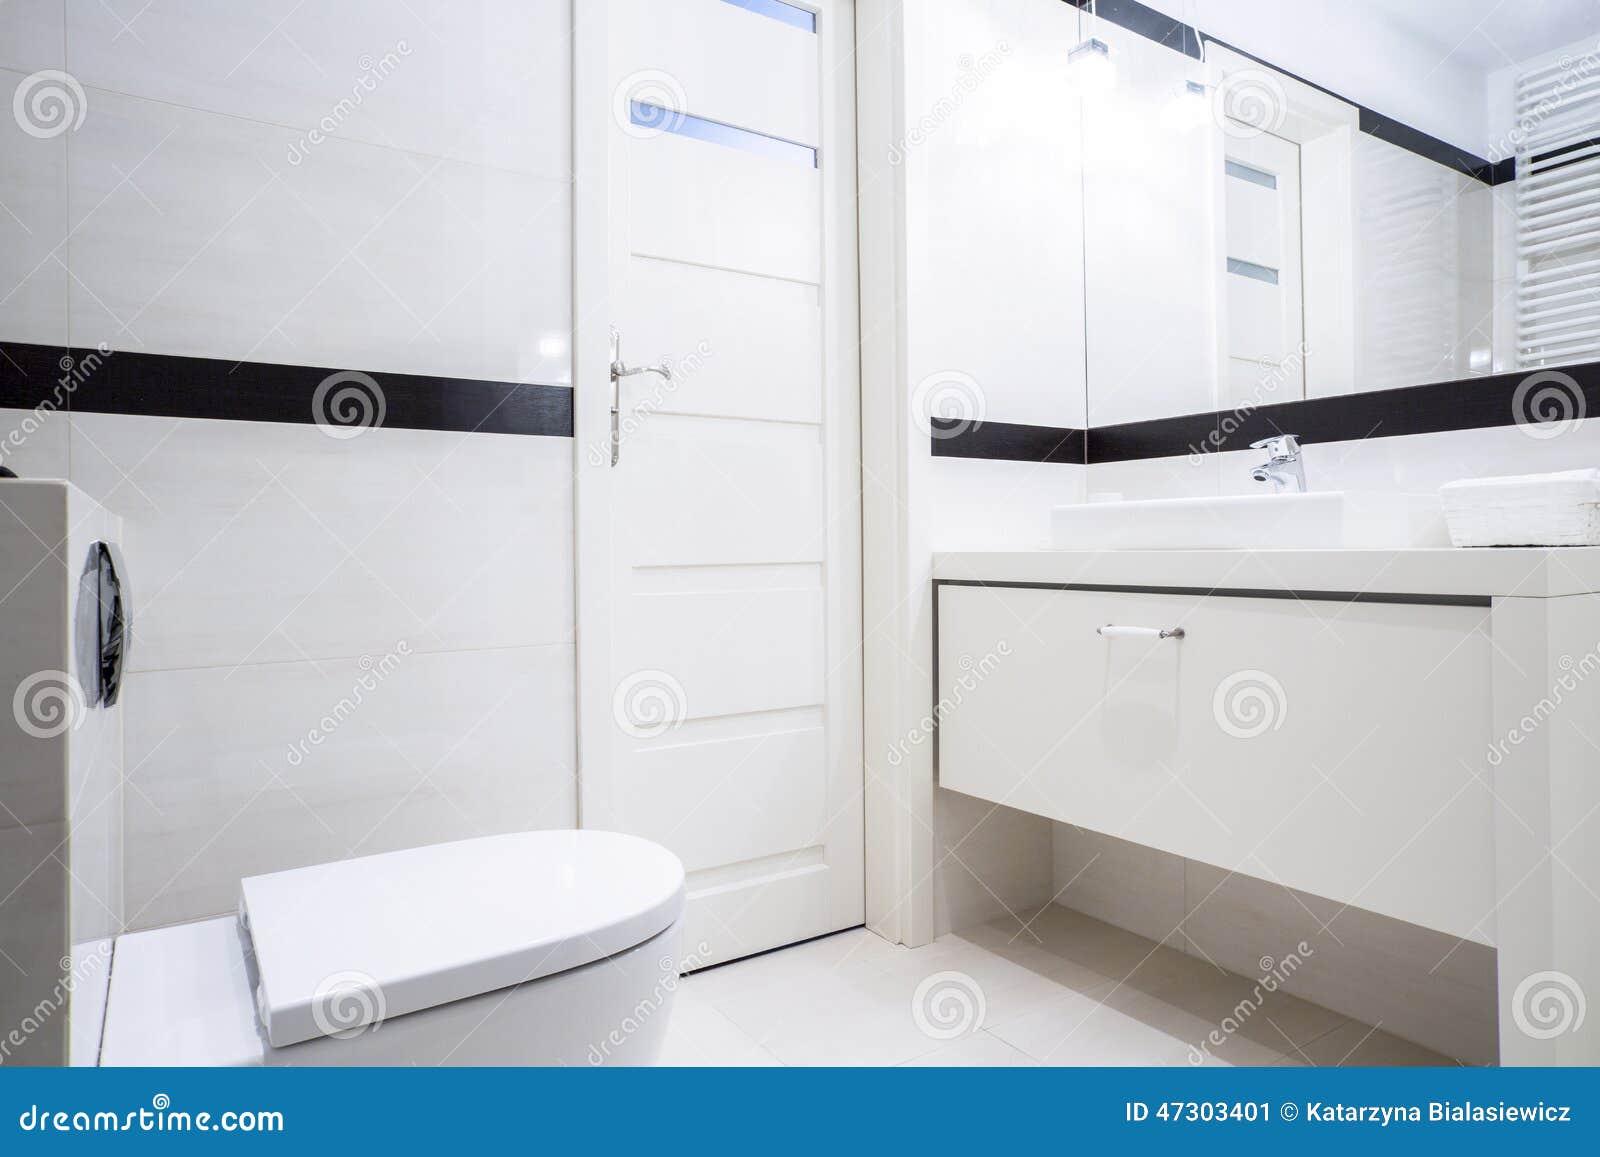 Banheiro Branco E Preto Pequeno  rinkratmagcom banheiros decorados 2017 -> Banheiros Decorados Preto E Branco Pequeno